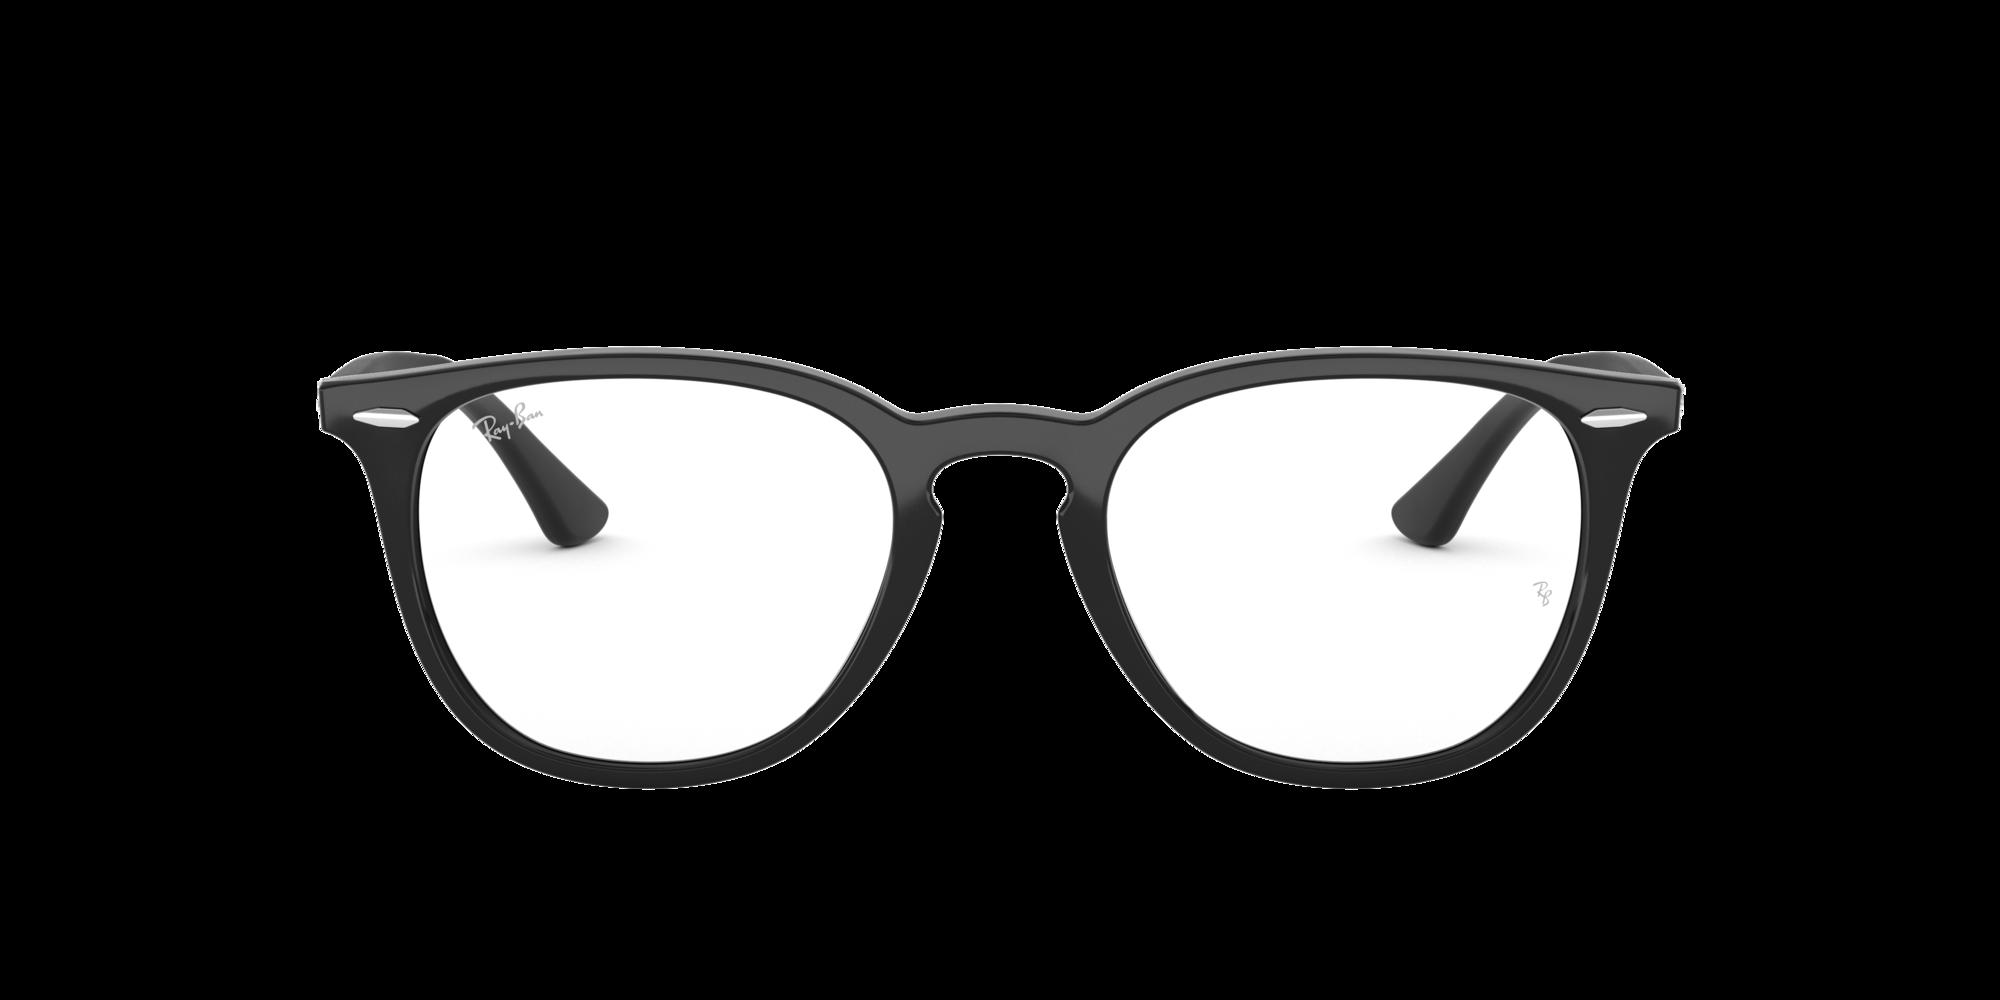 Imagen para RX7159 de LensCrafters |  Espejuelos, espejuelos graduados en línea, gafas